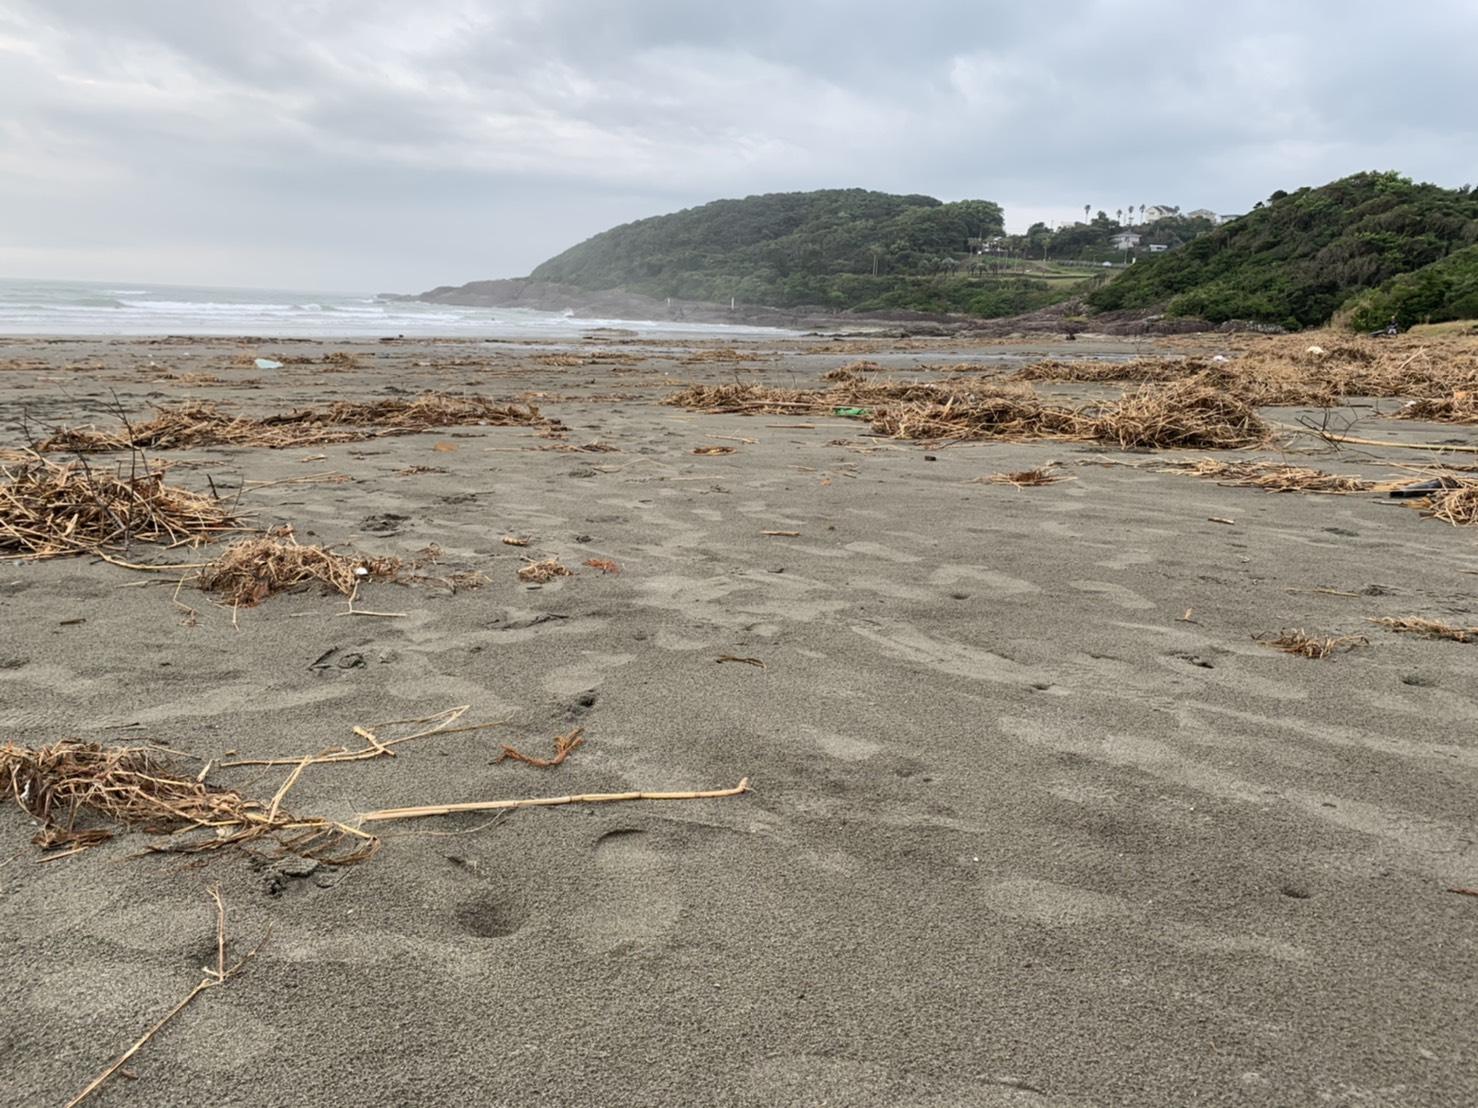 beach_clean002